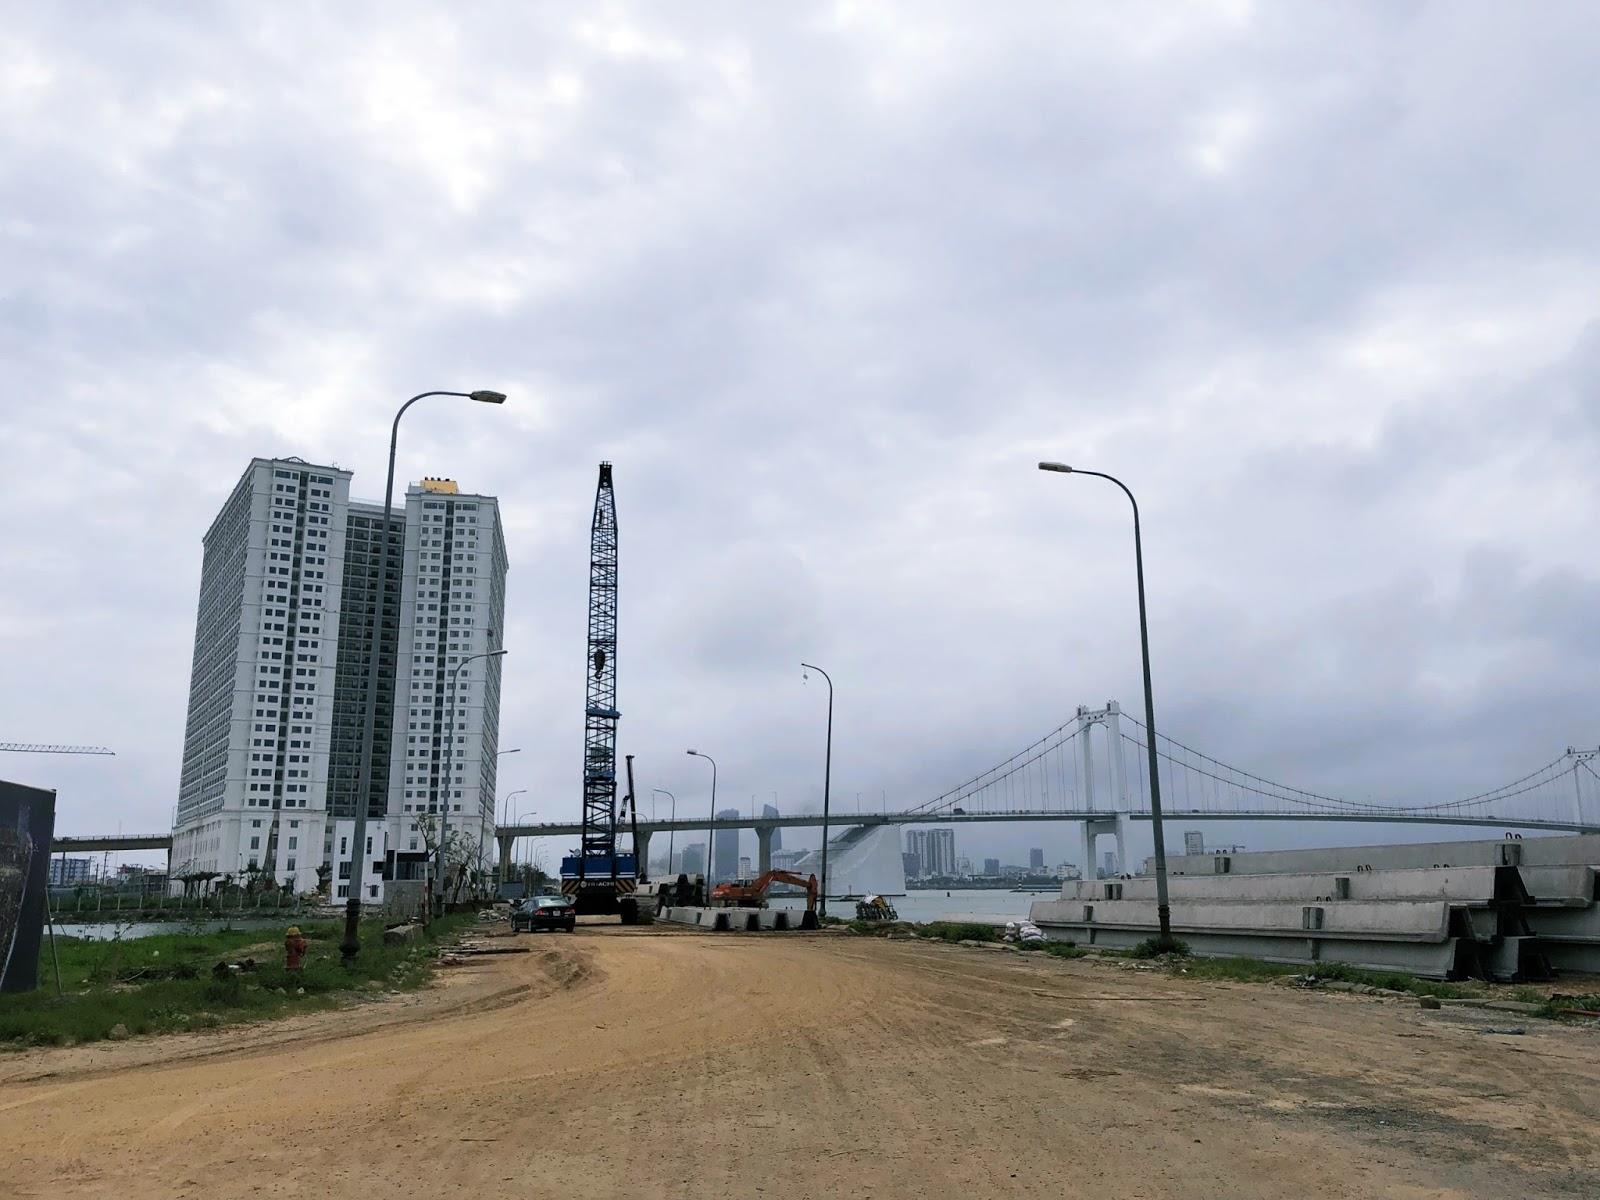 Tiến độ thi công của dự án khu đô thị Thuận Phước